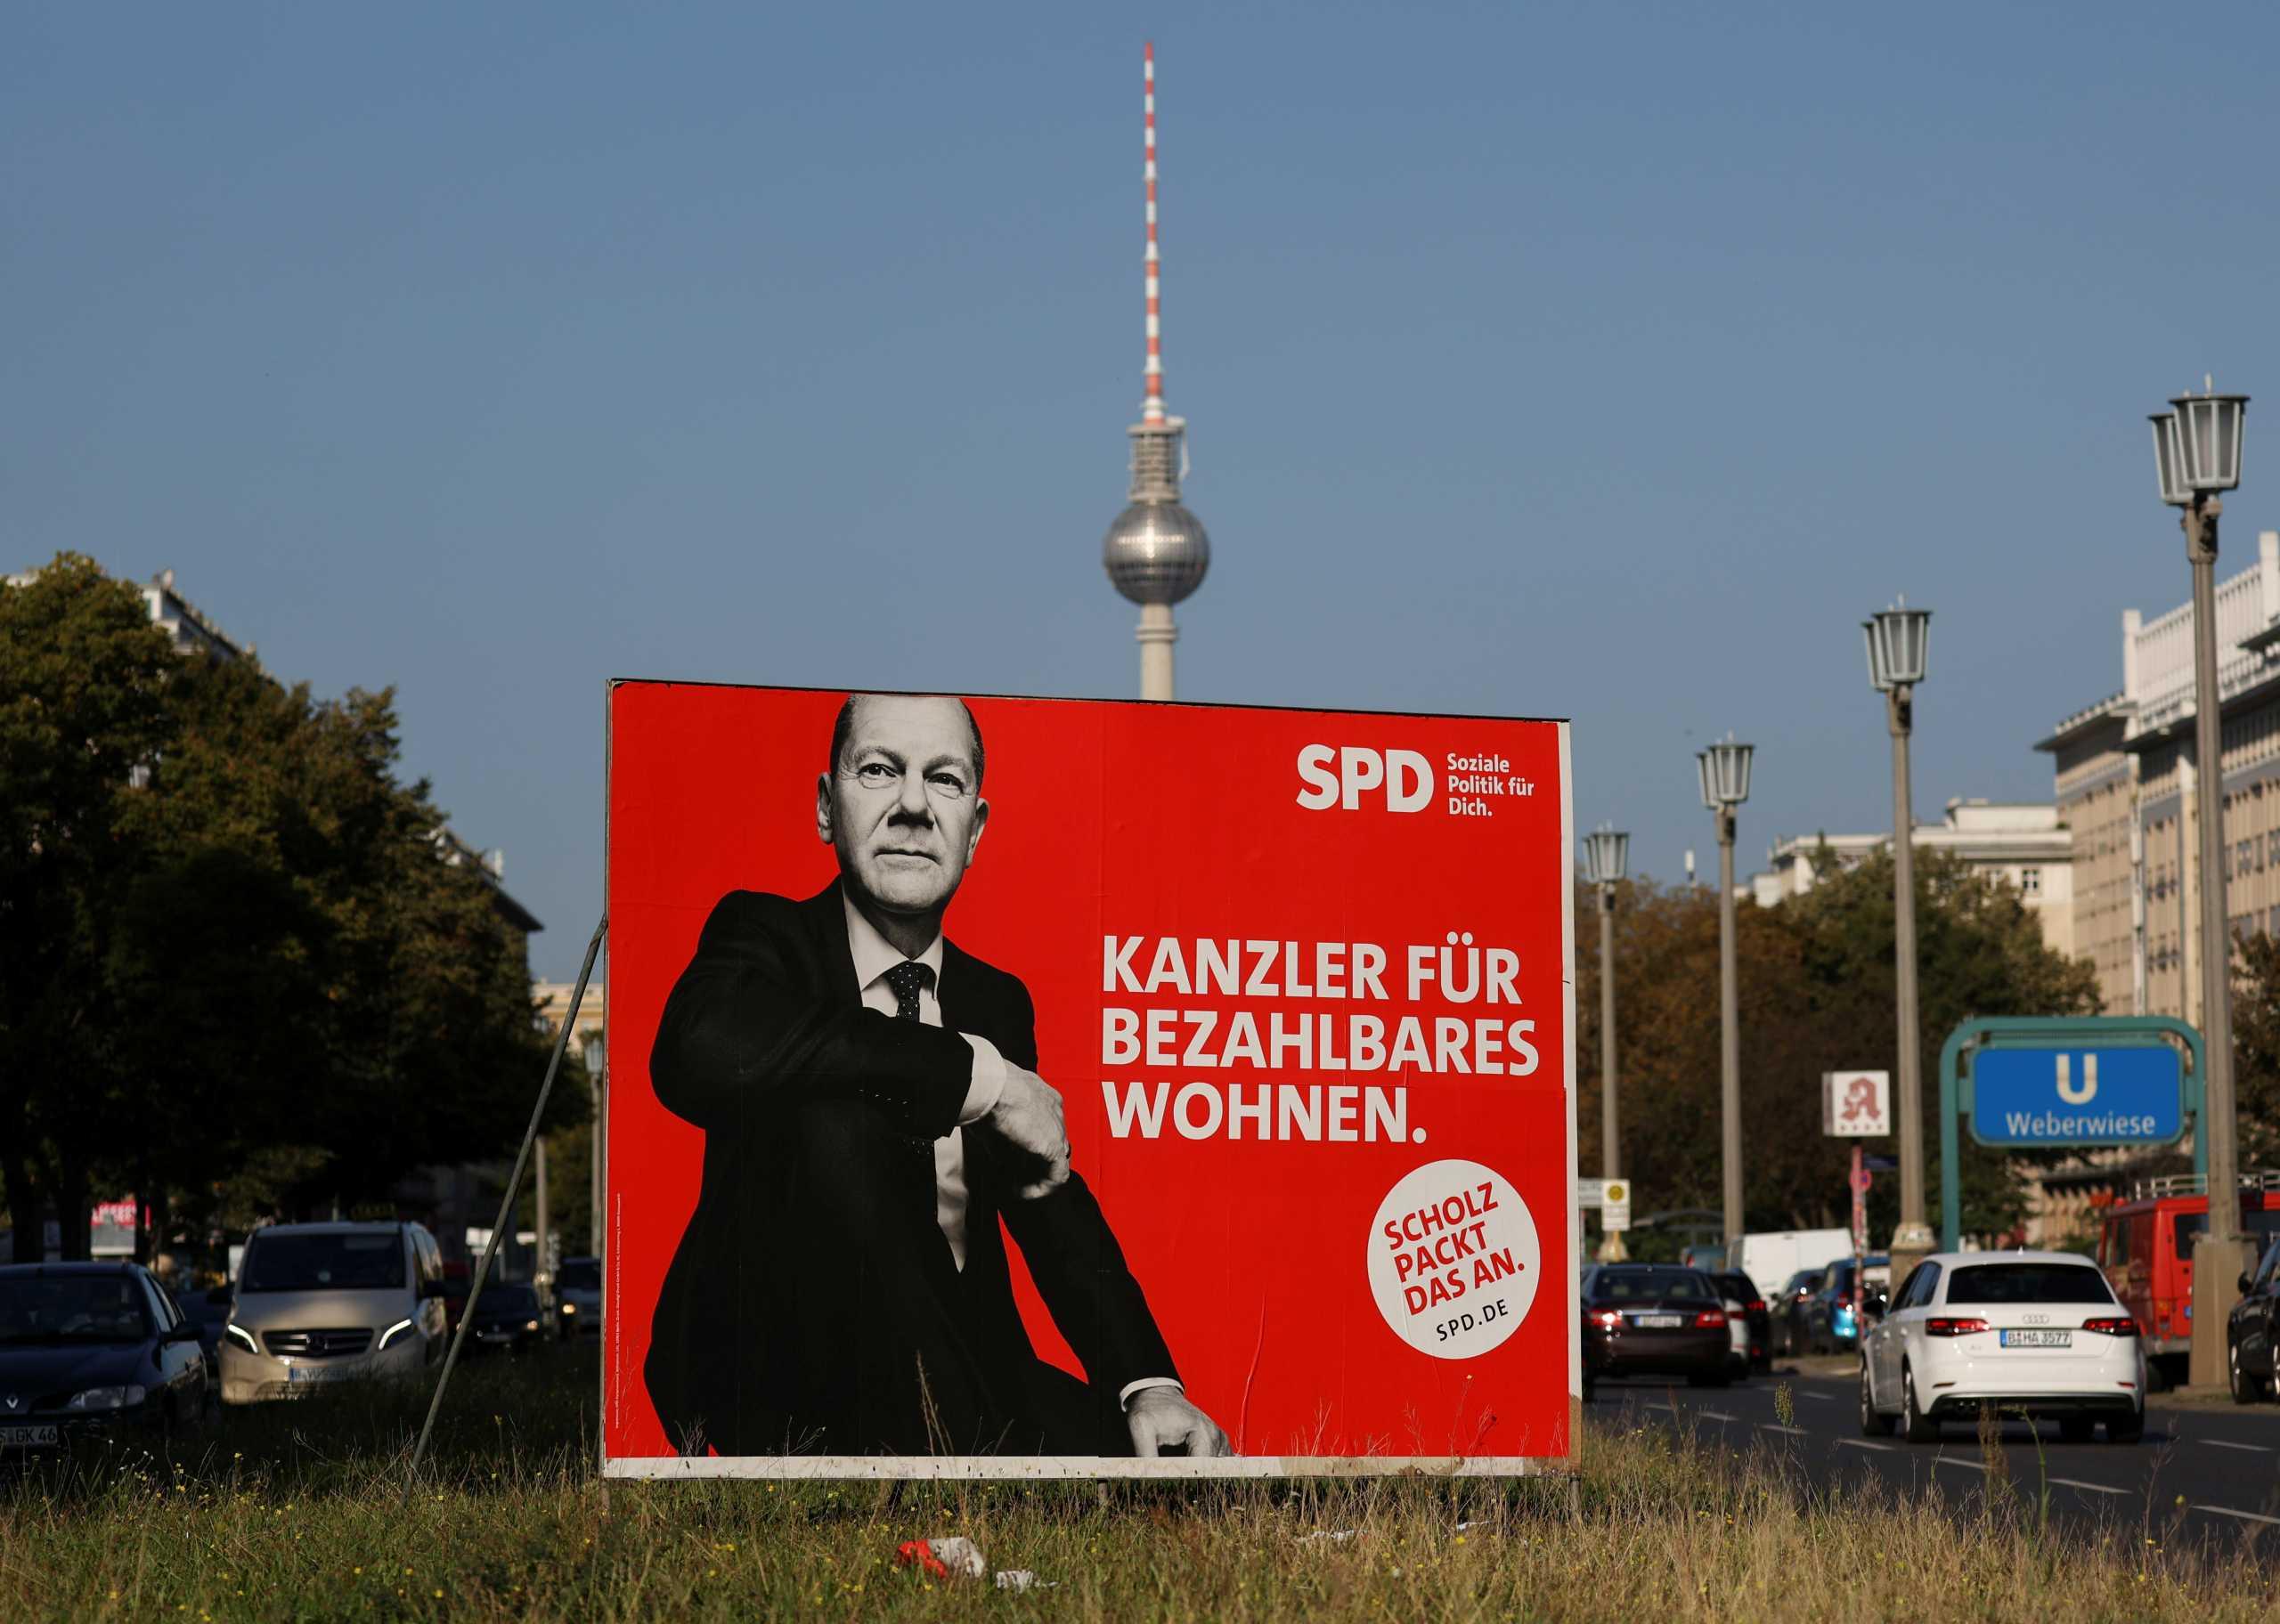 Γερμανία – Εκλογές: Αναγκαία προϋπόθεση η αύξηση του κατώτατου μισθού υποστηρίζει το SPD